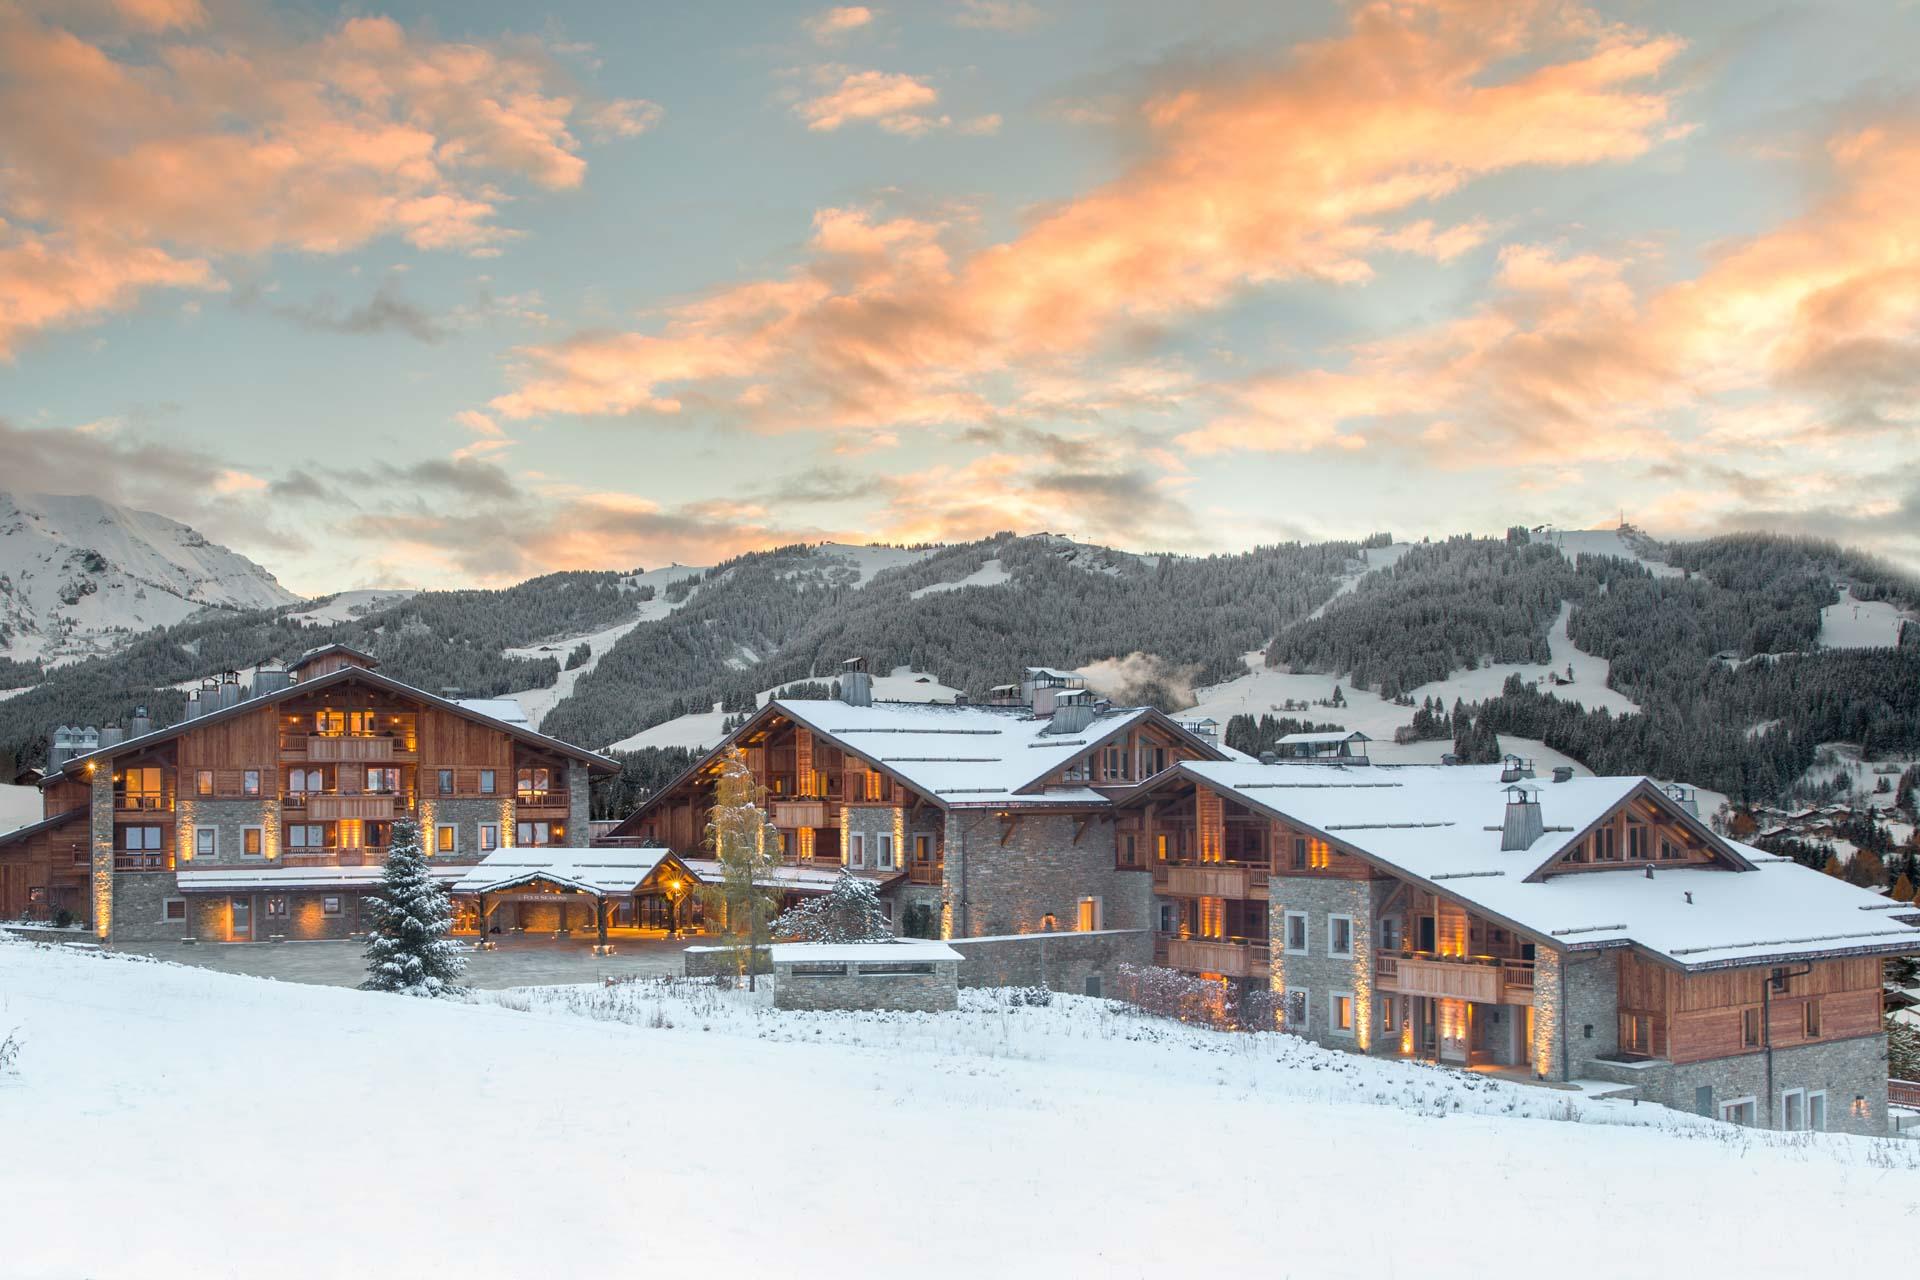 Le 15 décembre marque l'ouverture du très attendu Four Seasons Megève, première incursion alpine de l'enseigne de luxe canadienne. Elle s'est associée à l'incontournable famille Rothschild, chez elle à Megève depuis près d'un siècle.